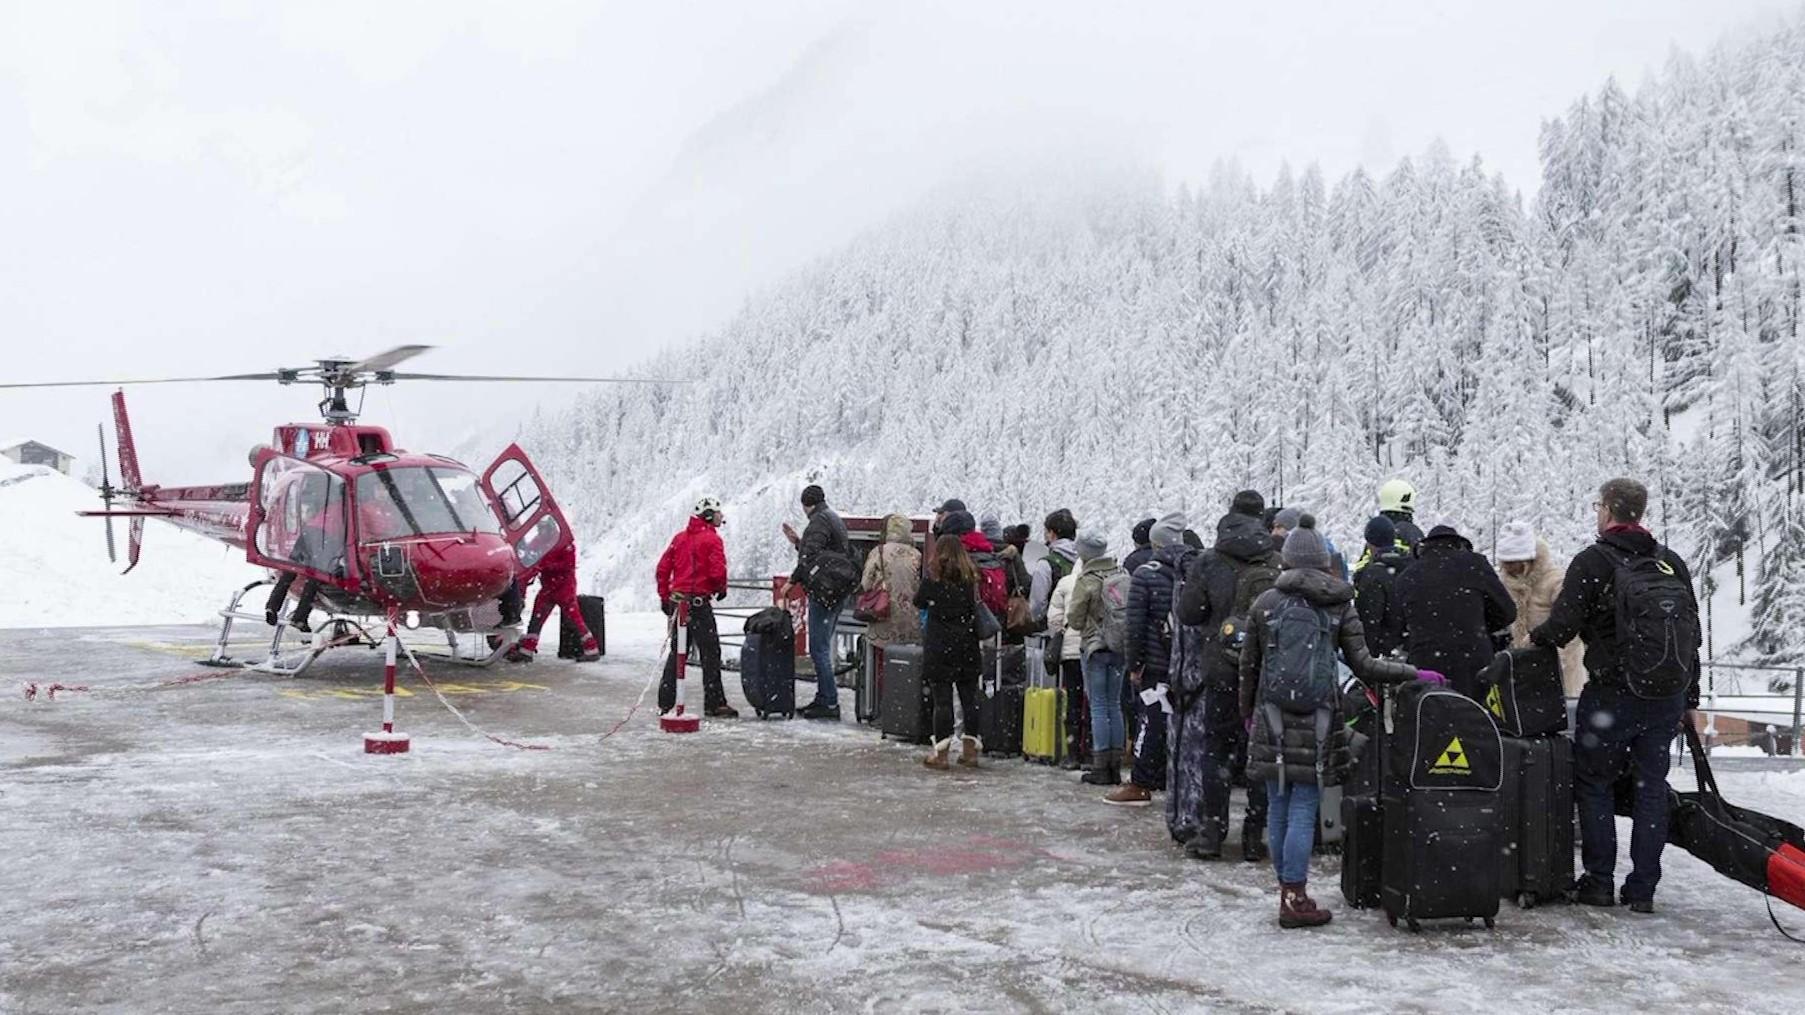 Mbi 13 mijë turistë janë bllokuar në një rajon malor